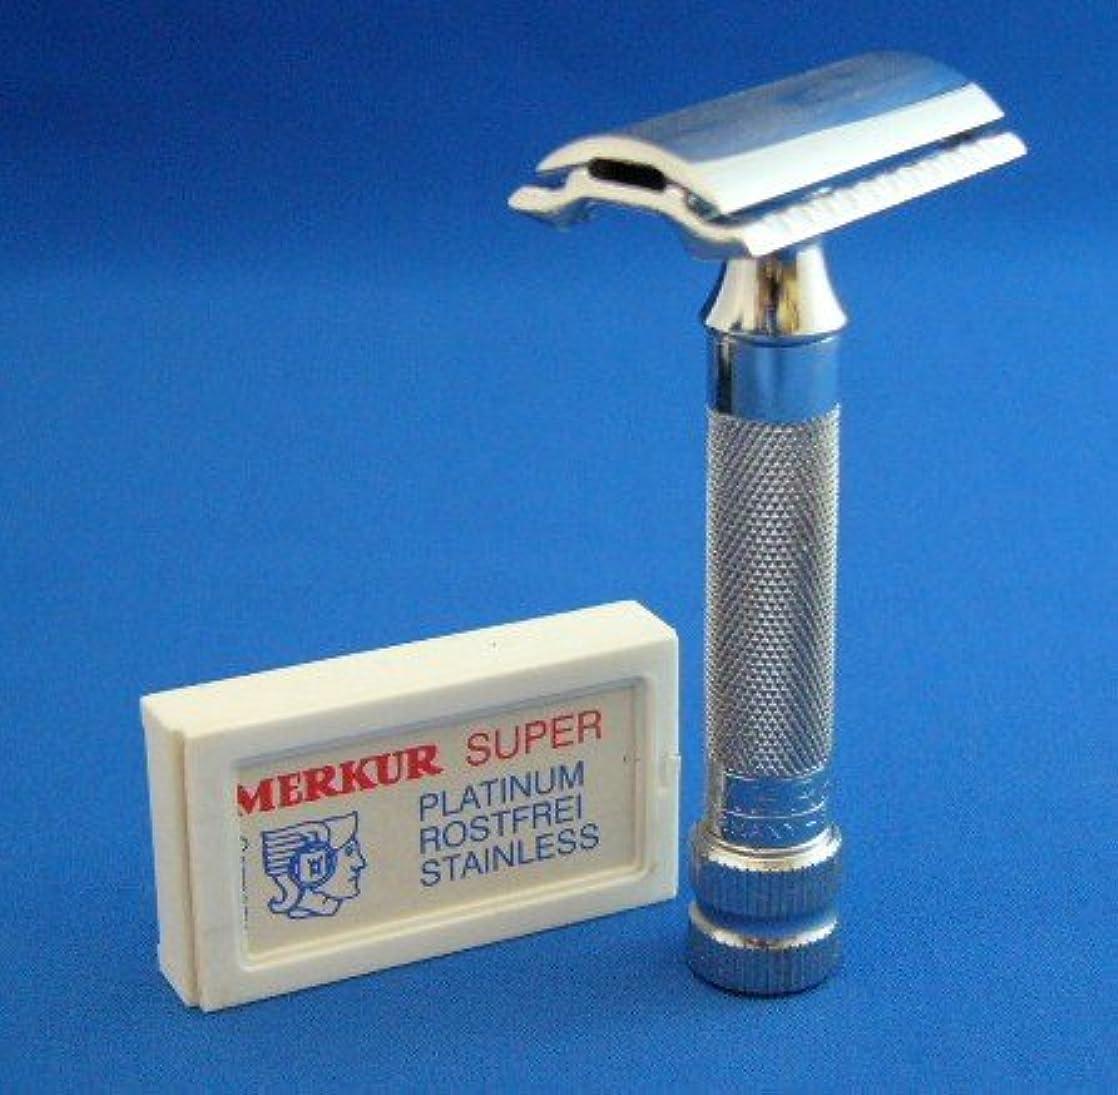 技術進化する正午メルクール髭剃り (ひげそり) 337C